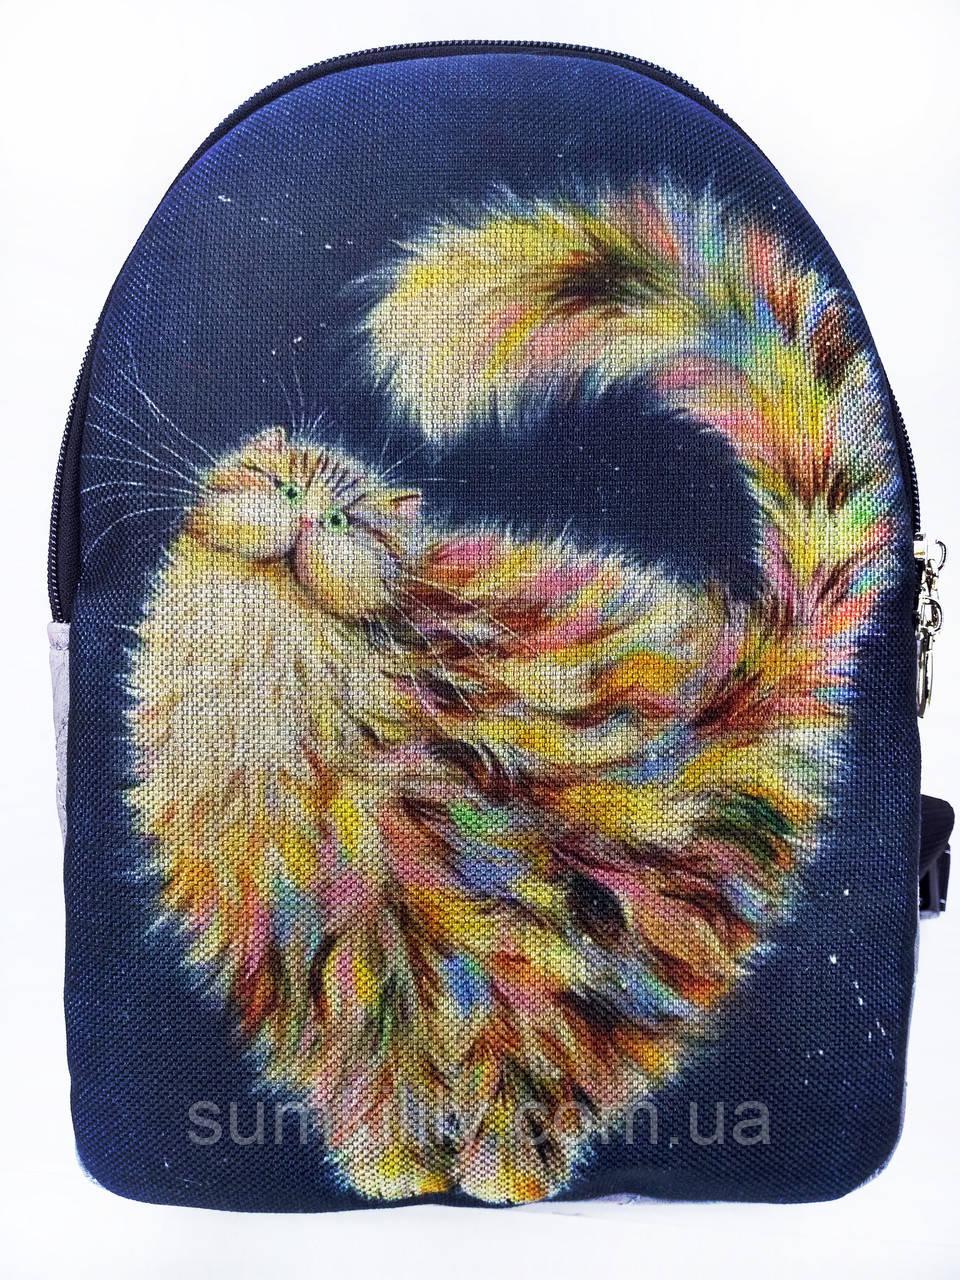 Текстильный рюкзак РАДУЖНЫЙ КОТ 2, фото 1